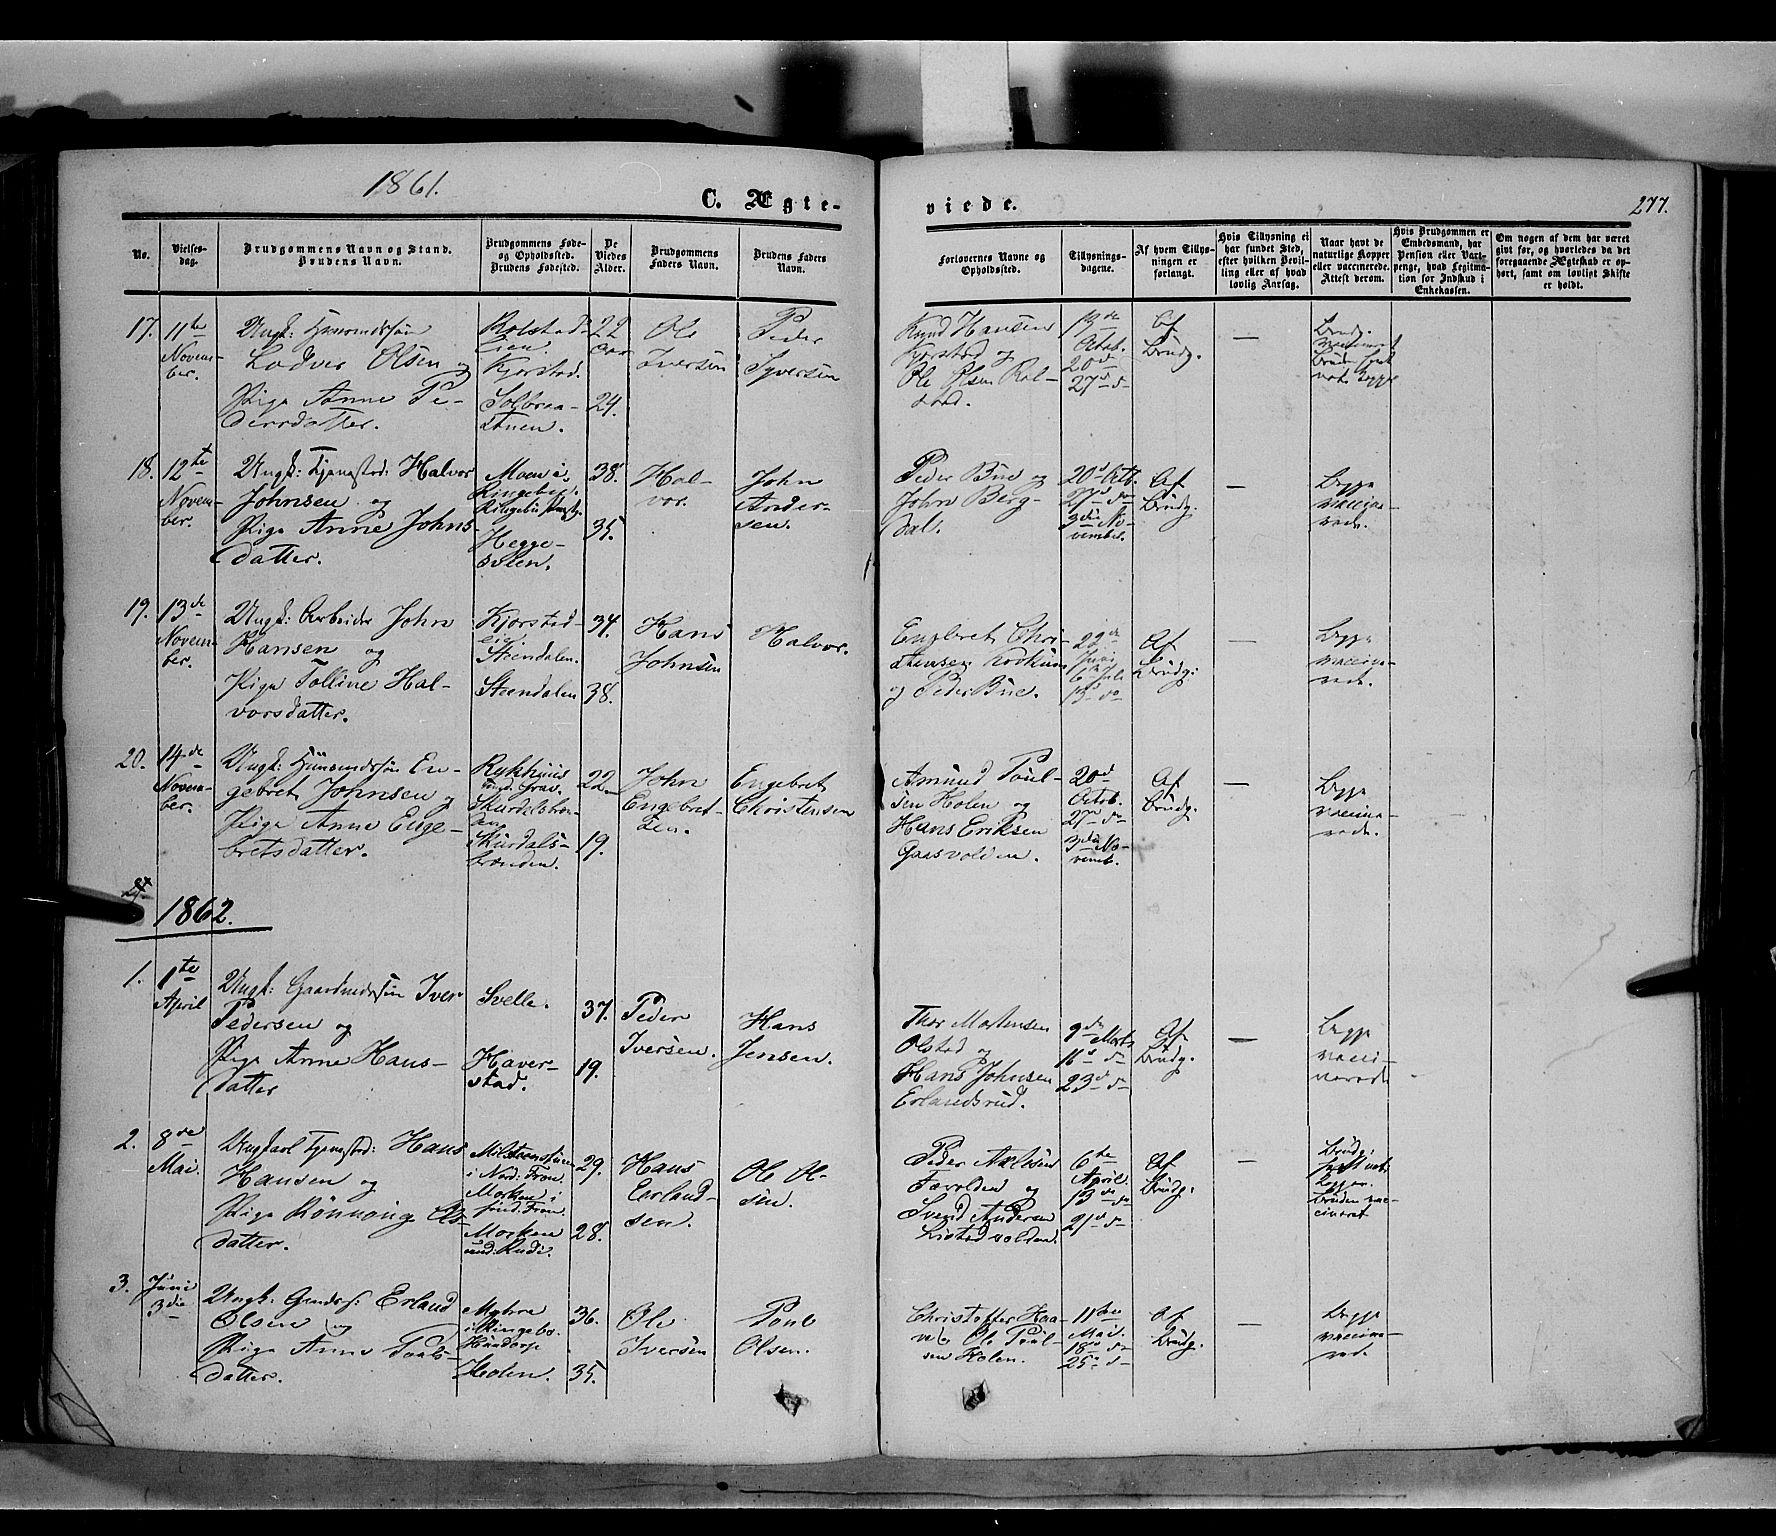 SAH, Sør-Fron prestekontor, H/Ha/Haa/L0001: Ministerialbok nr. 1, 1849-1863, s. 277